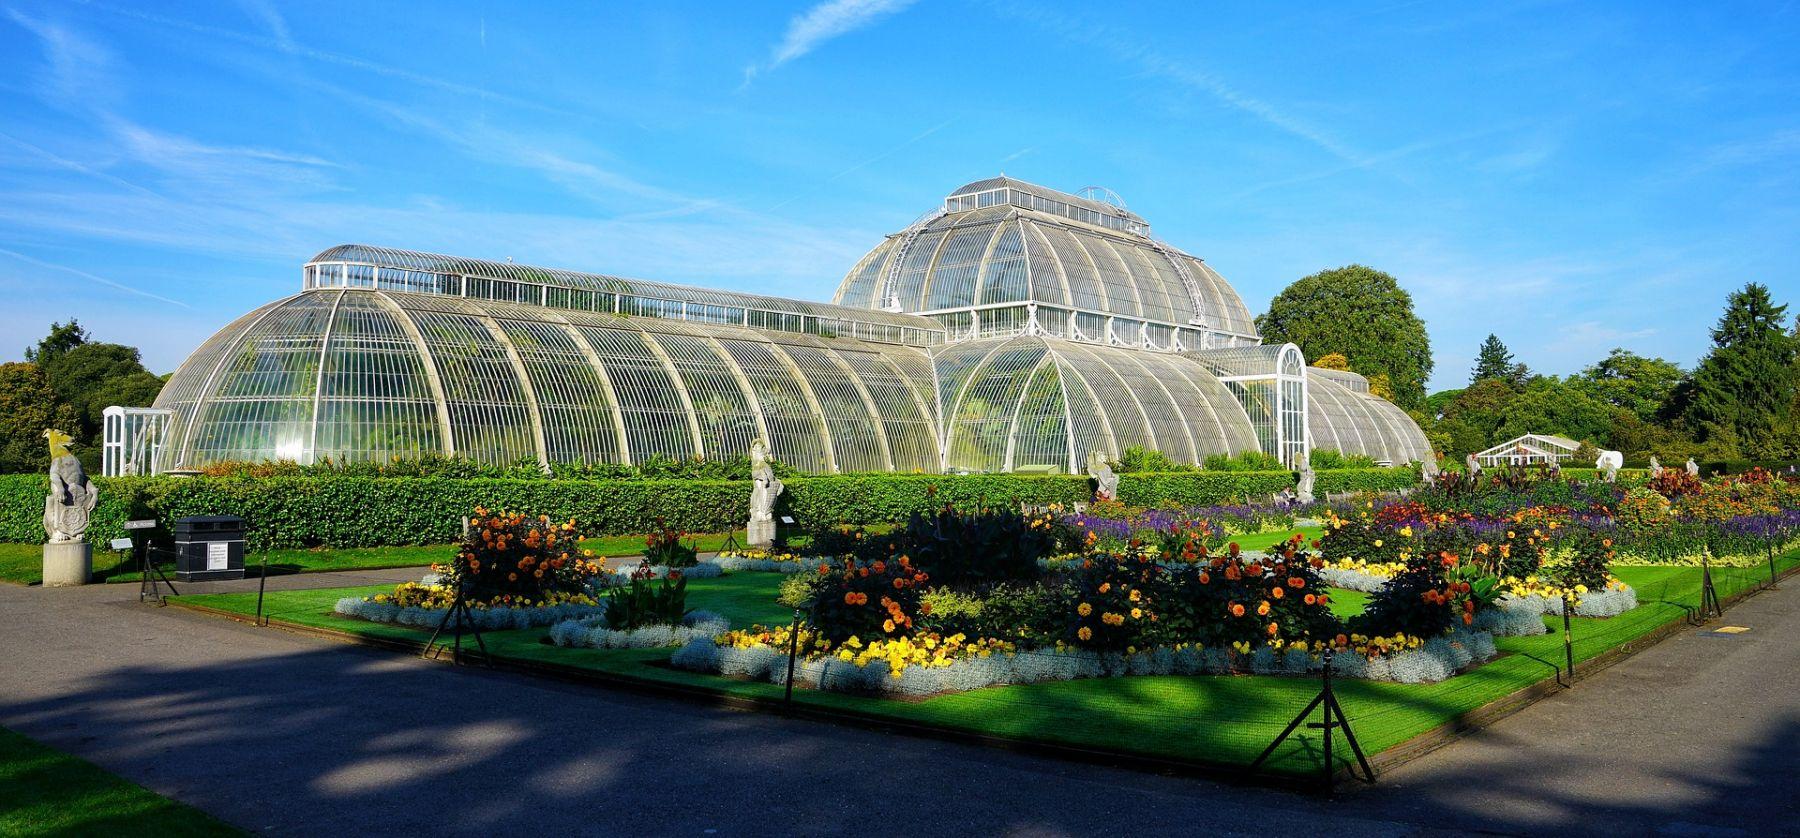 Londen Kew garden